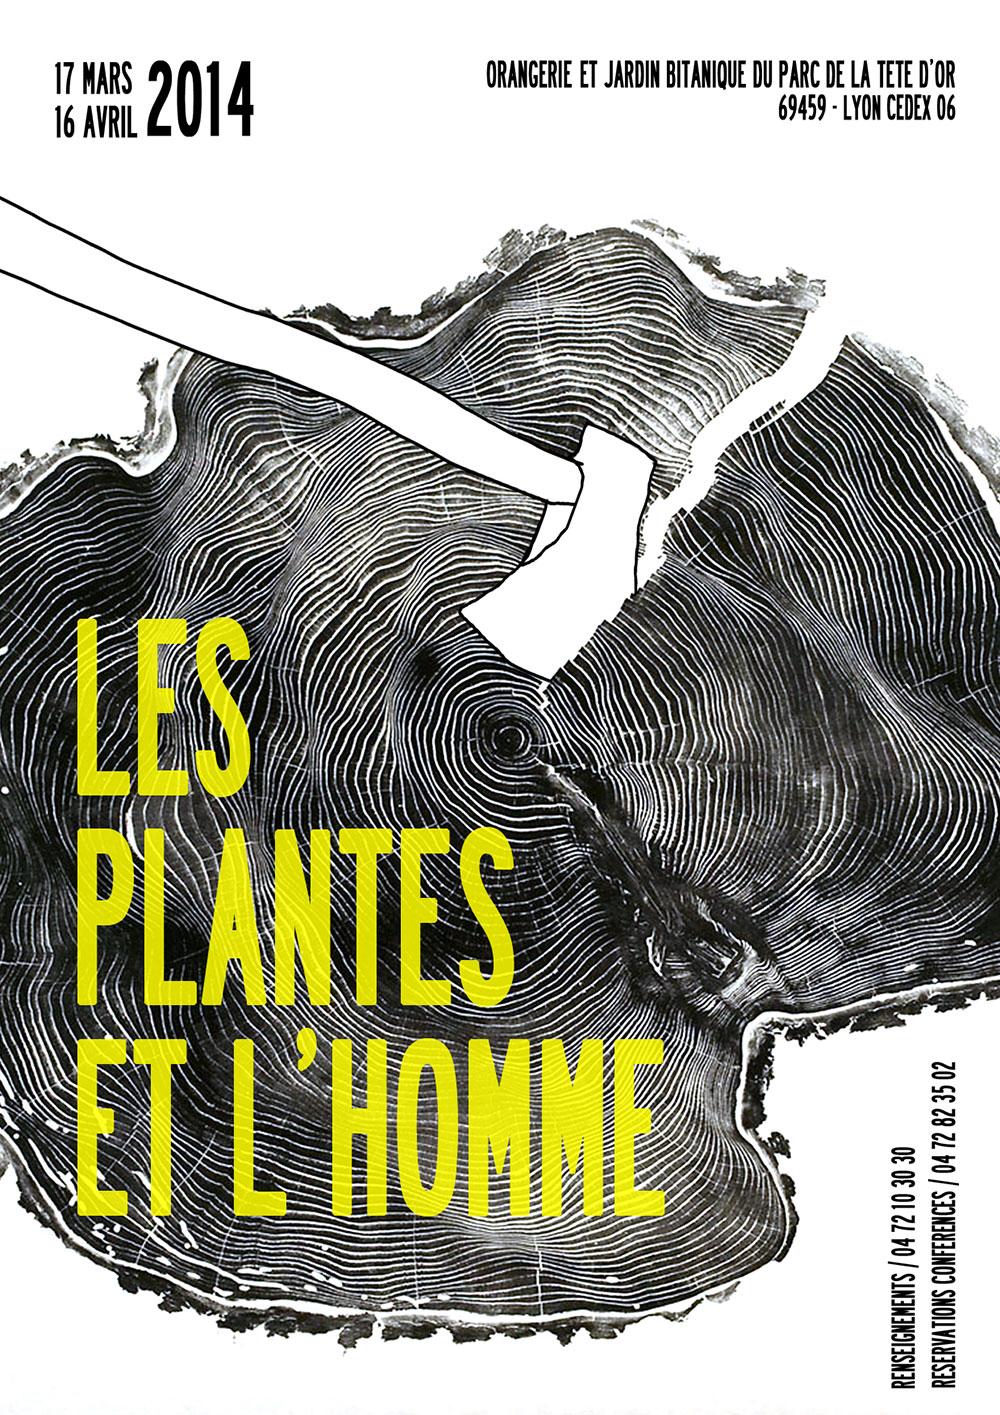 Plantes-et-Homme-1